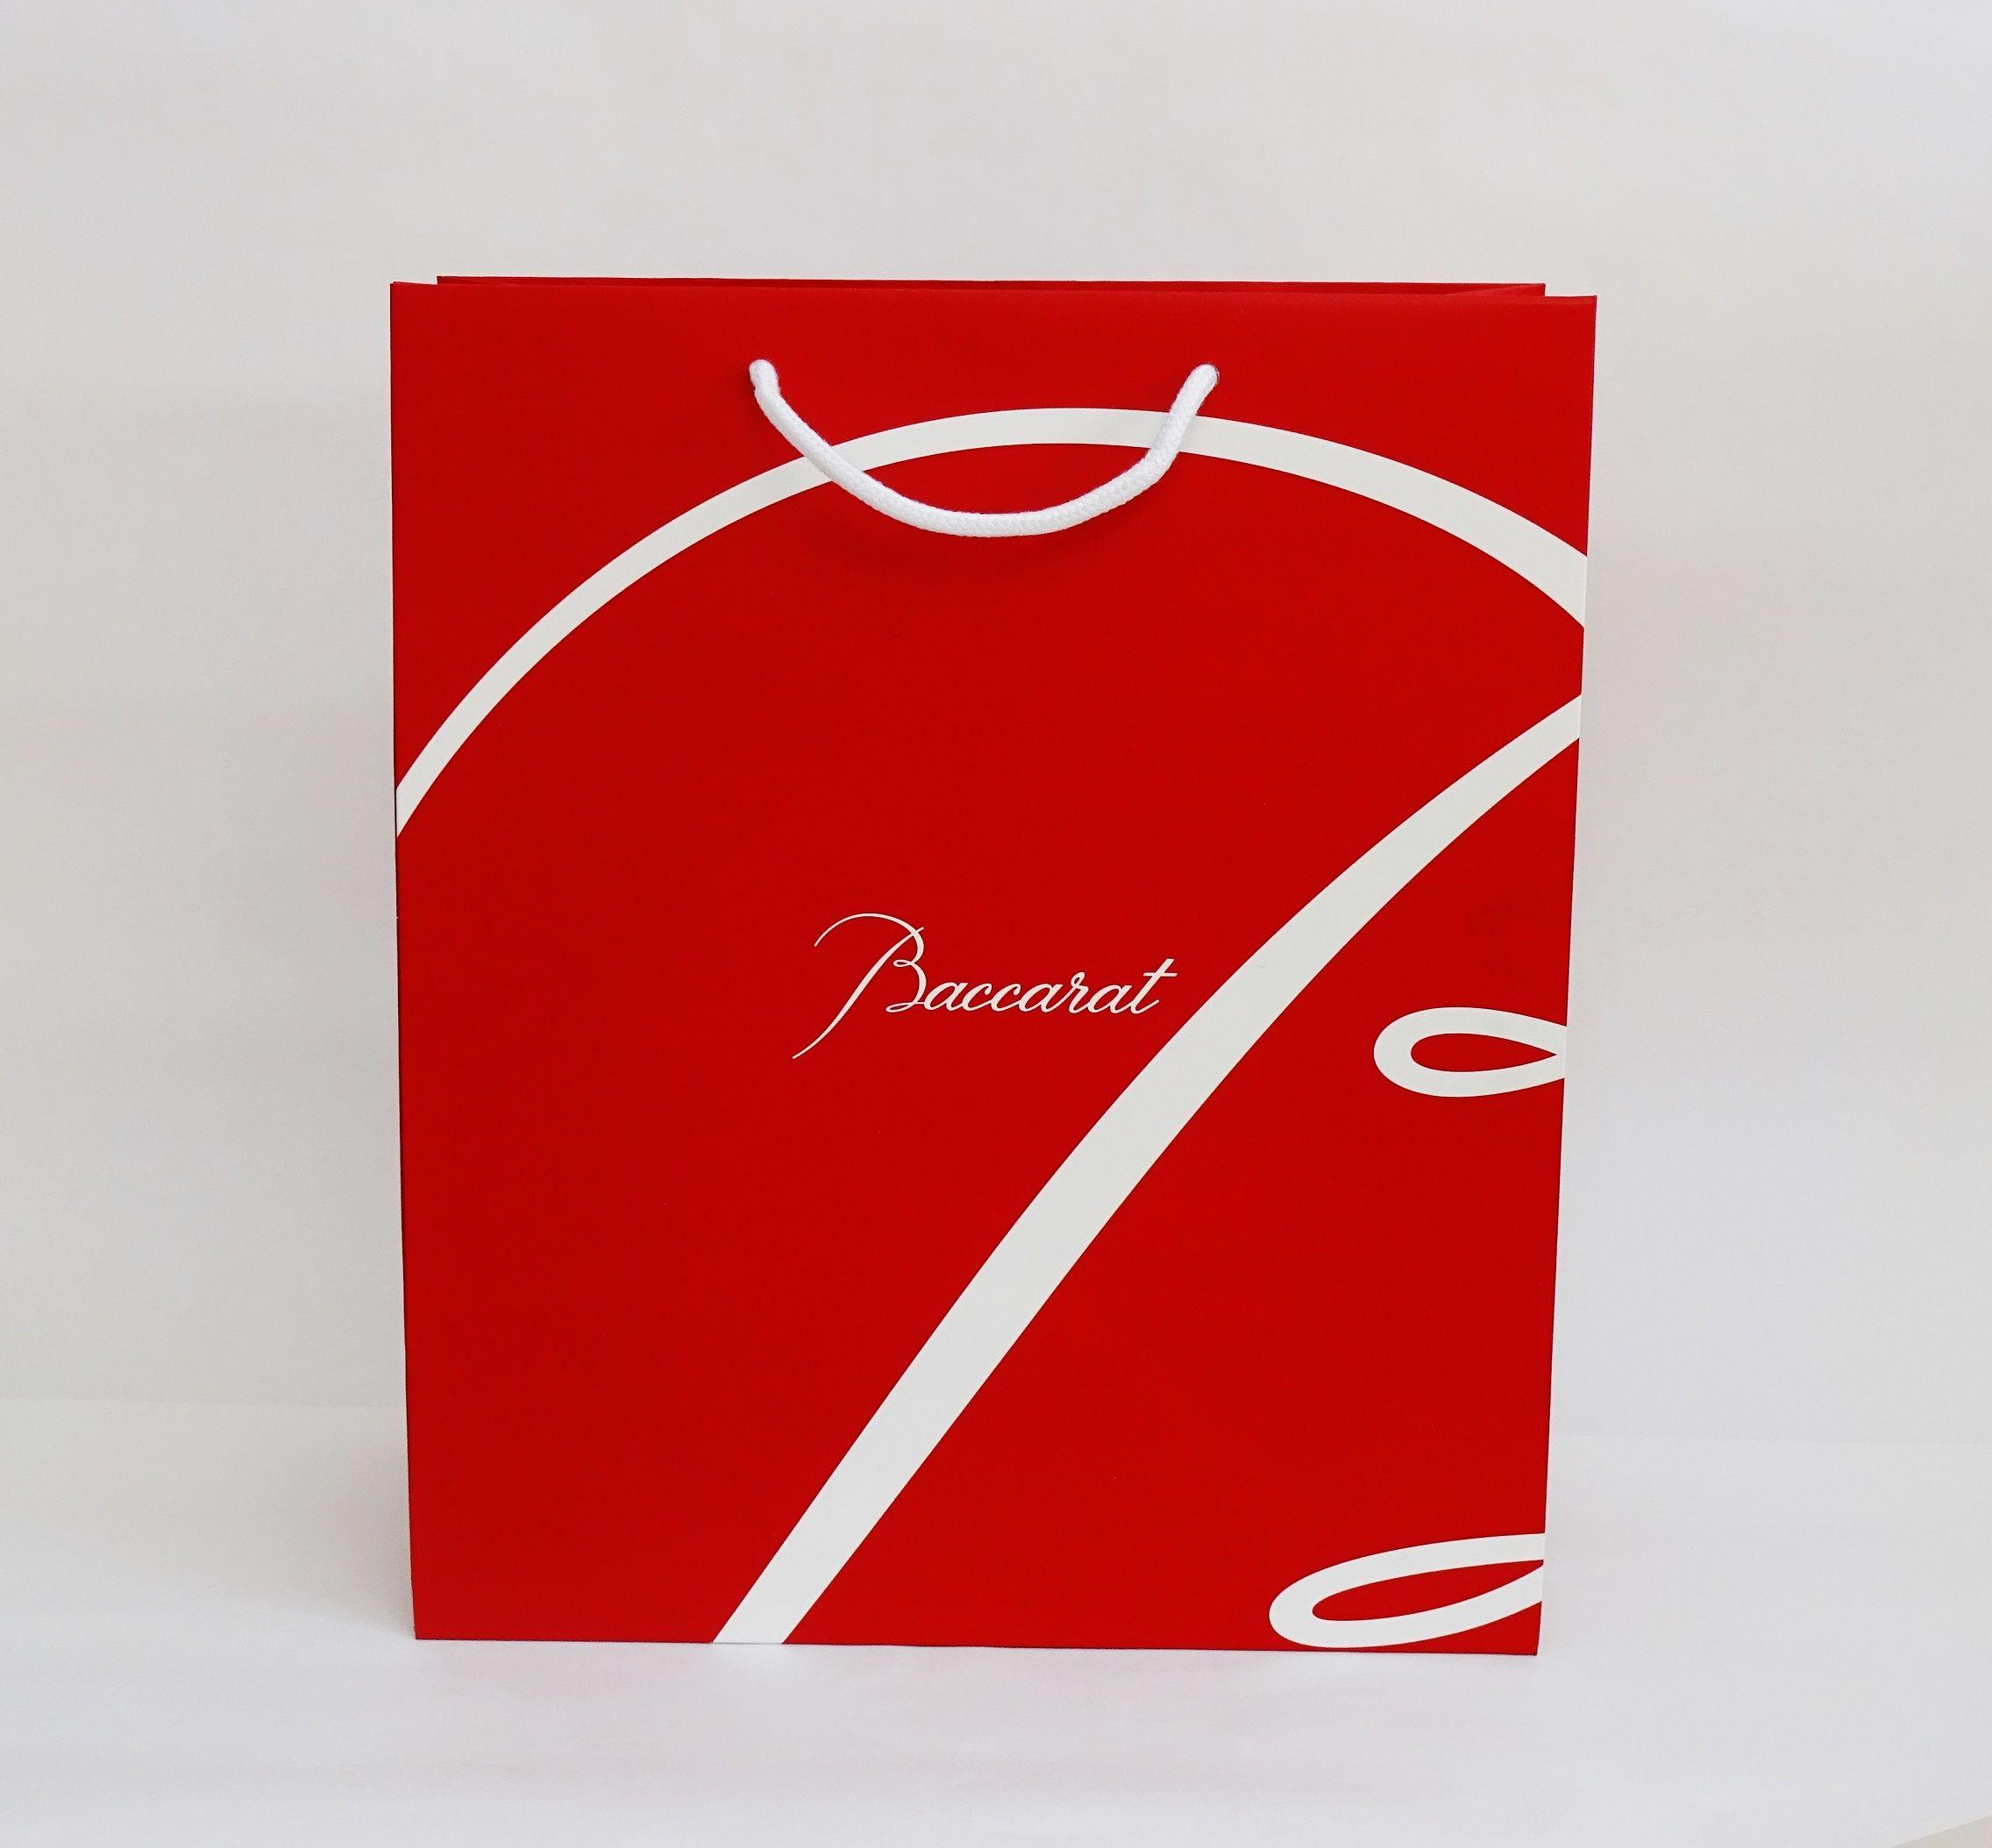 バカラ ブランド専用紙袋M